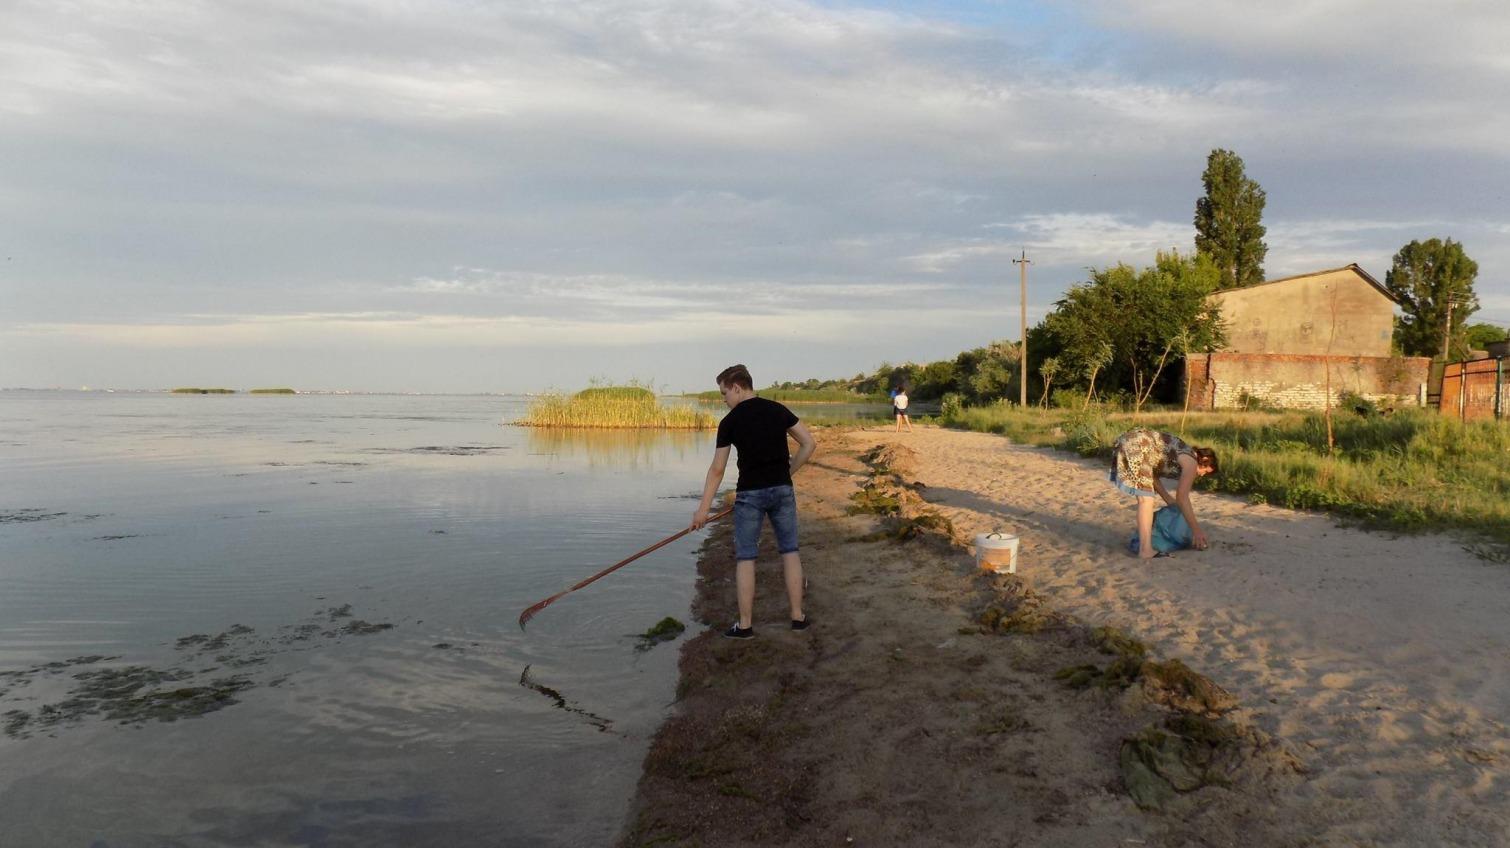 В Шабо люди собственными усилиями расчищают побережье лимана (фото) «фото»